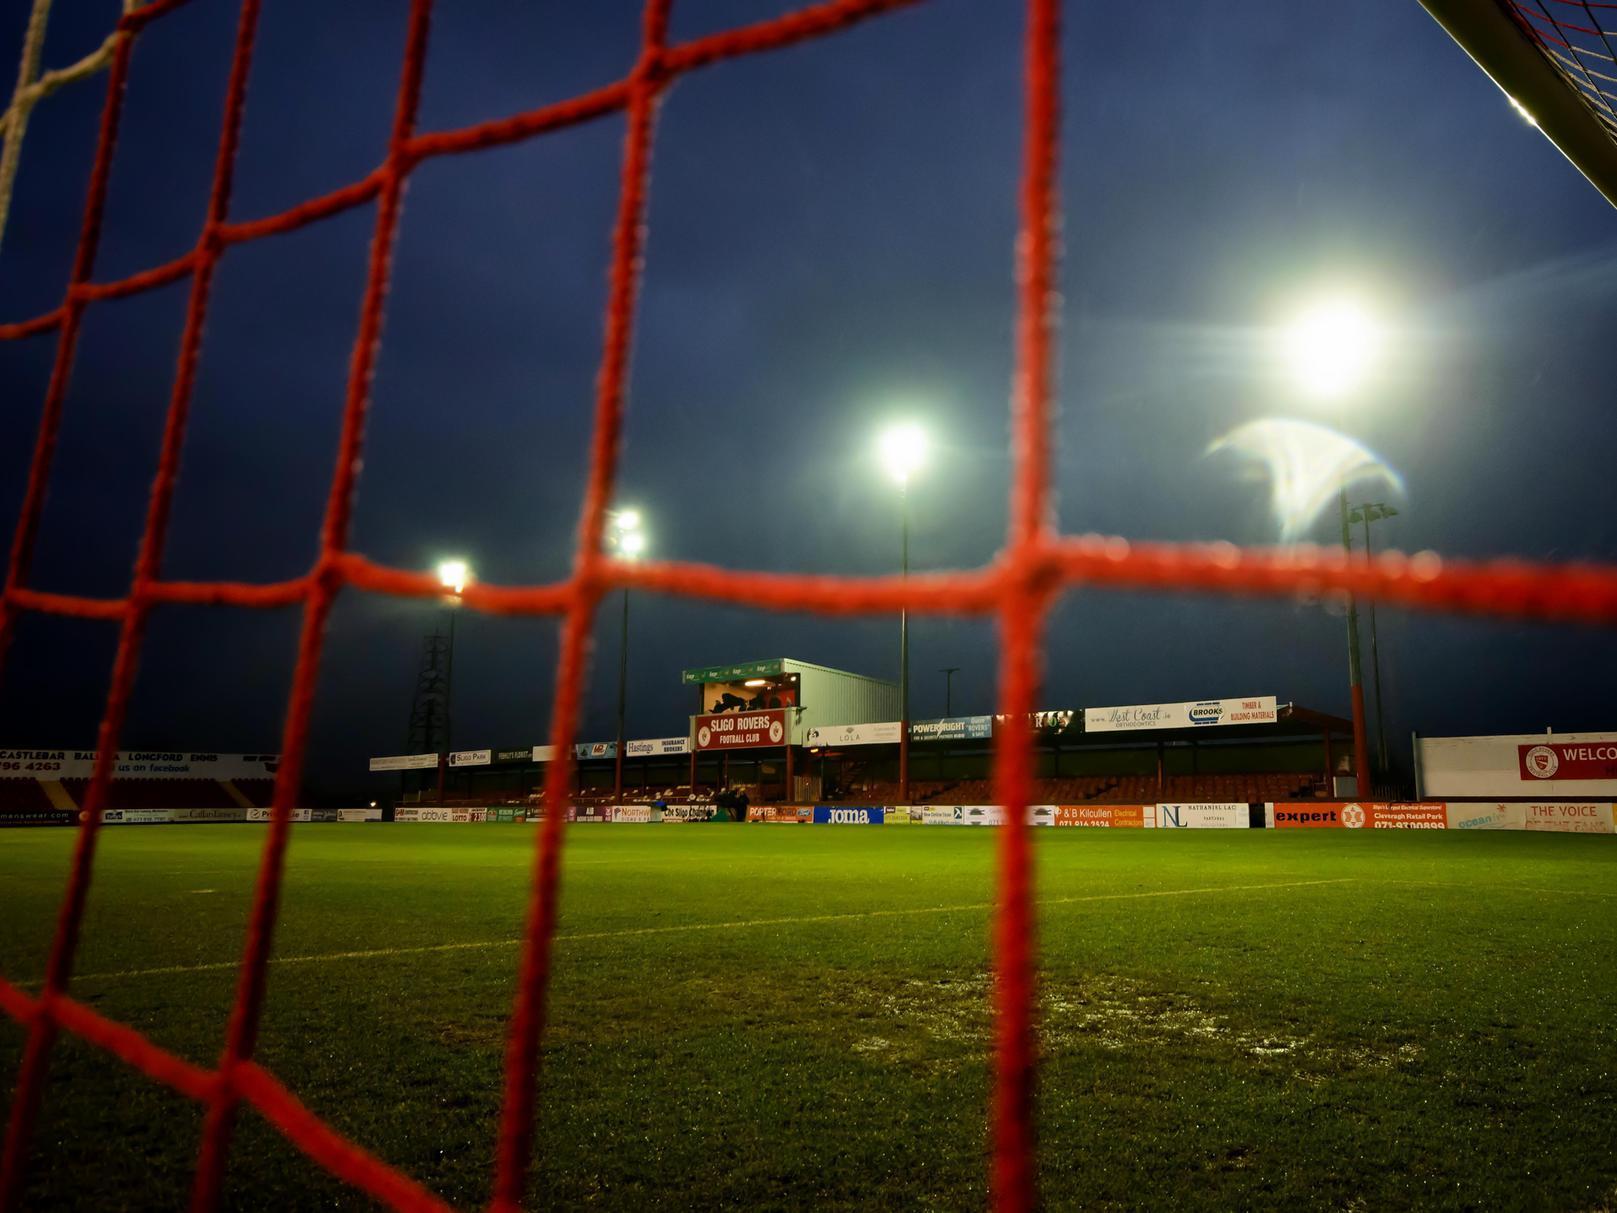 Derry City face trip to Sligo Rovers in FAI Cup quarter-finals